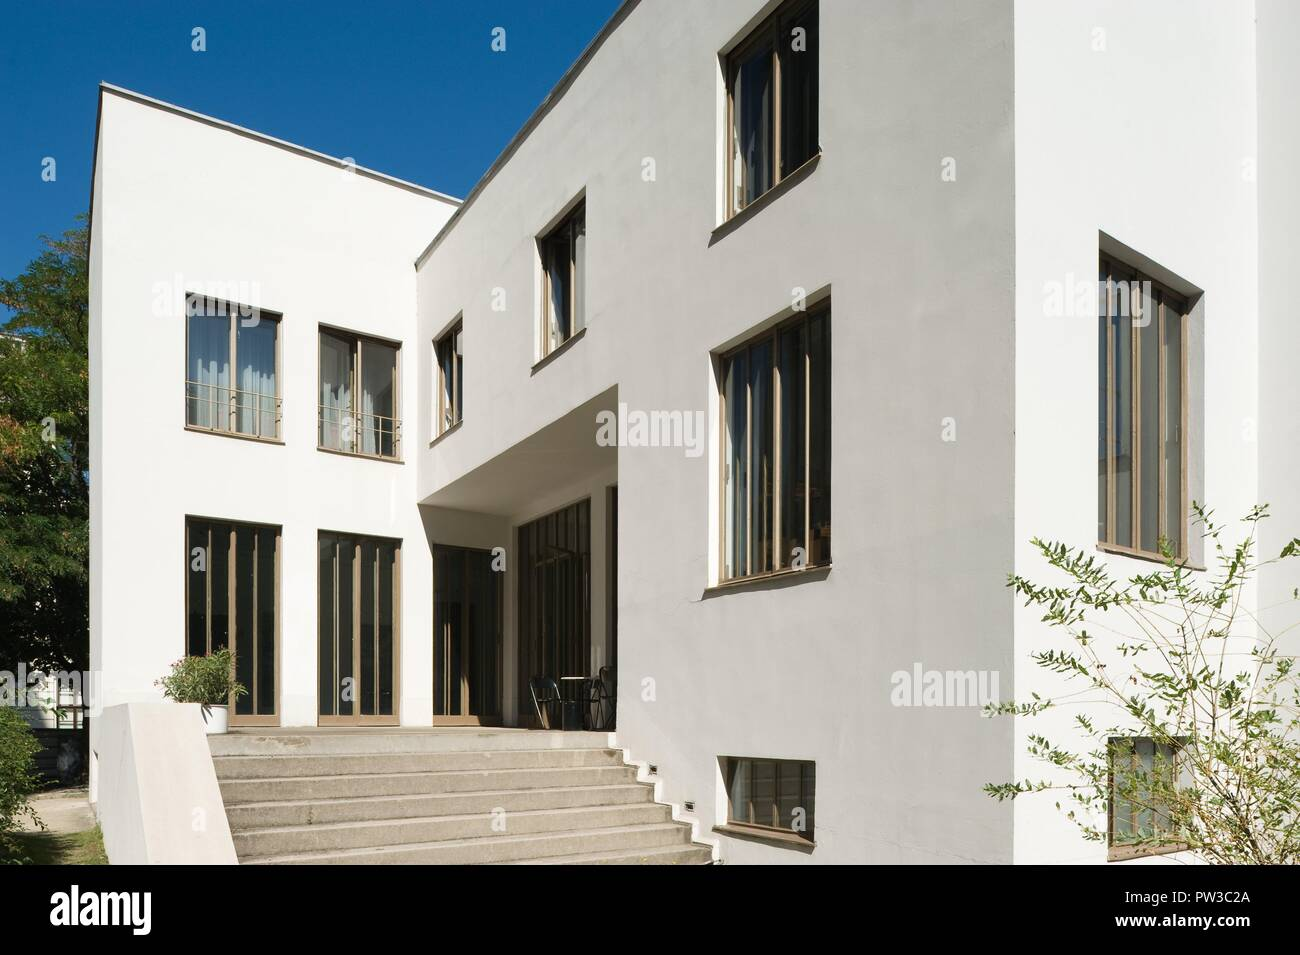 Wien, Haus Stonborough-Wittgenstein, Ludwig Wittgenstein 1926-1928 - Stock Image